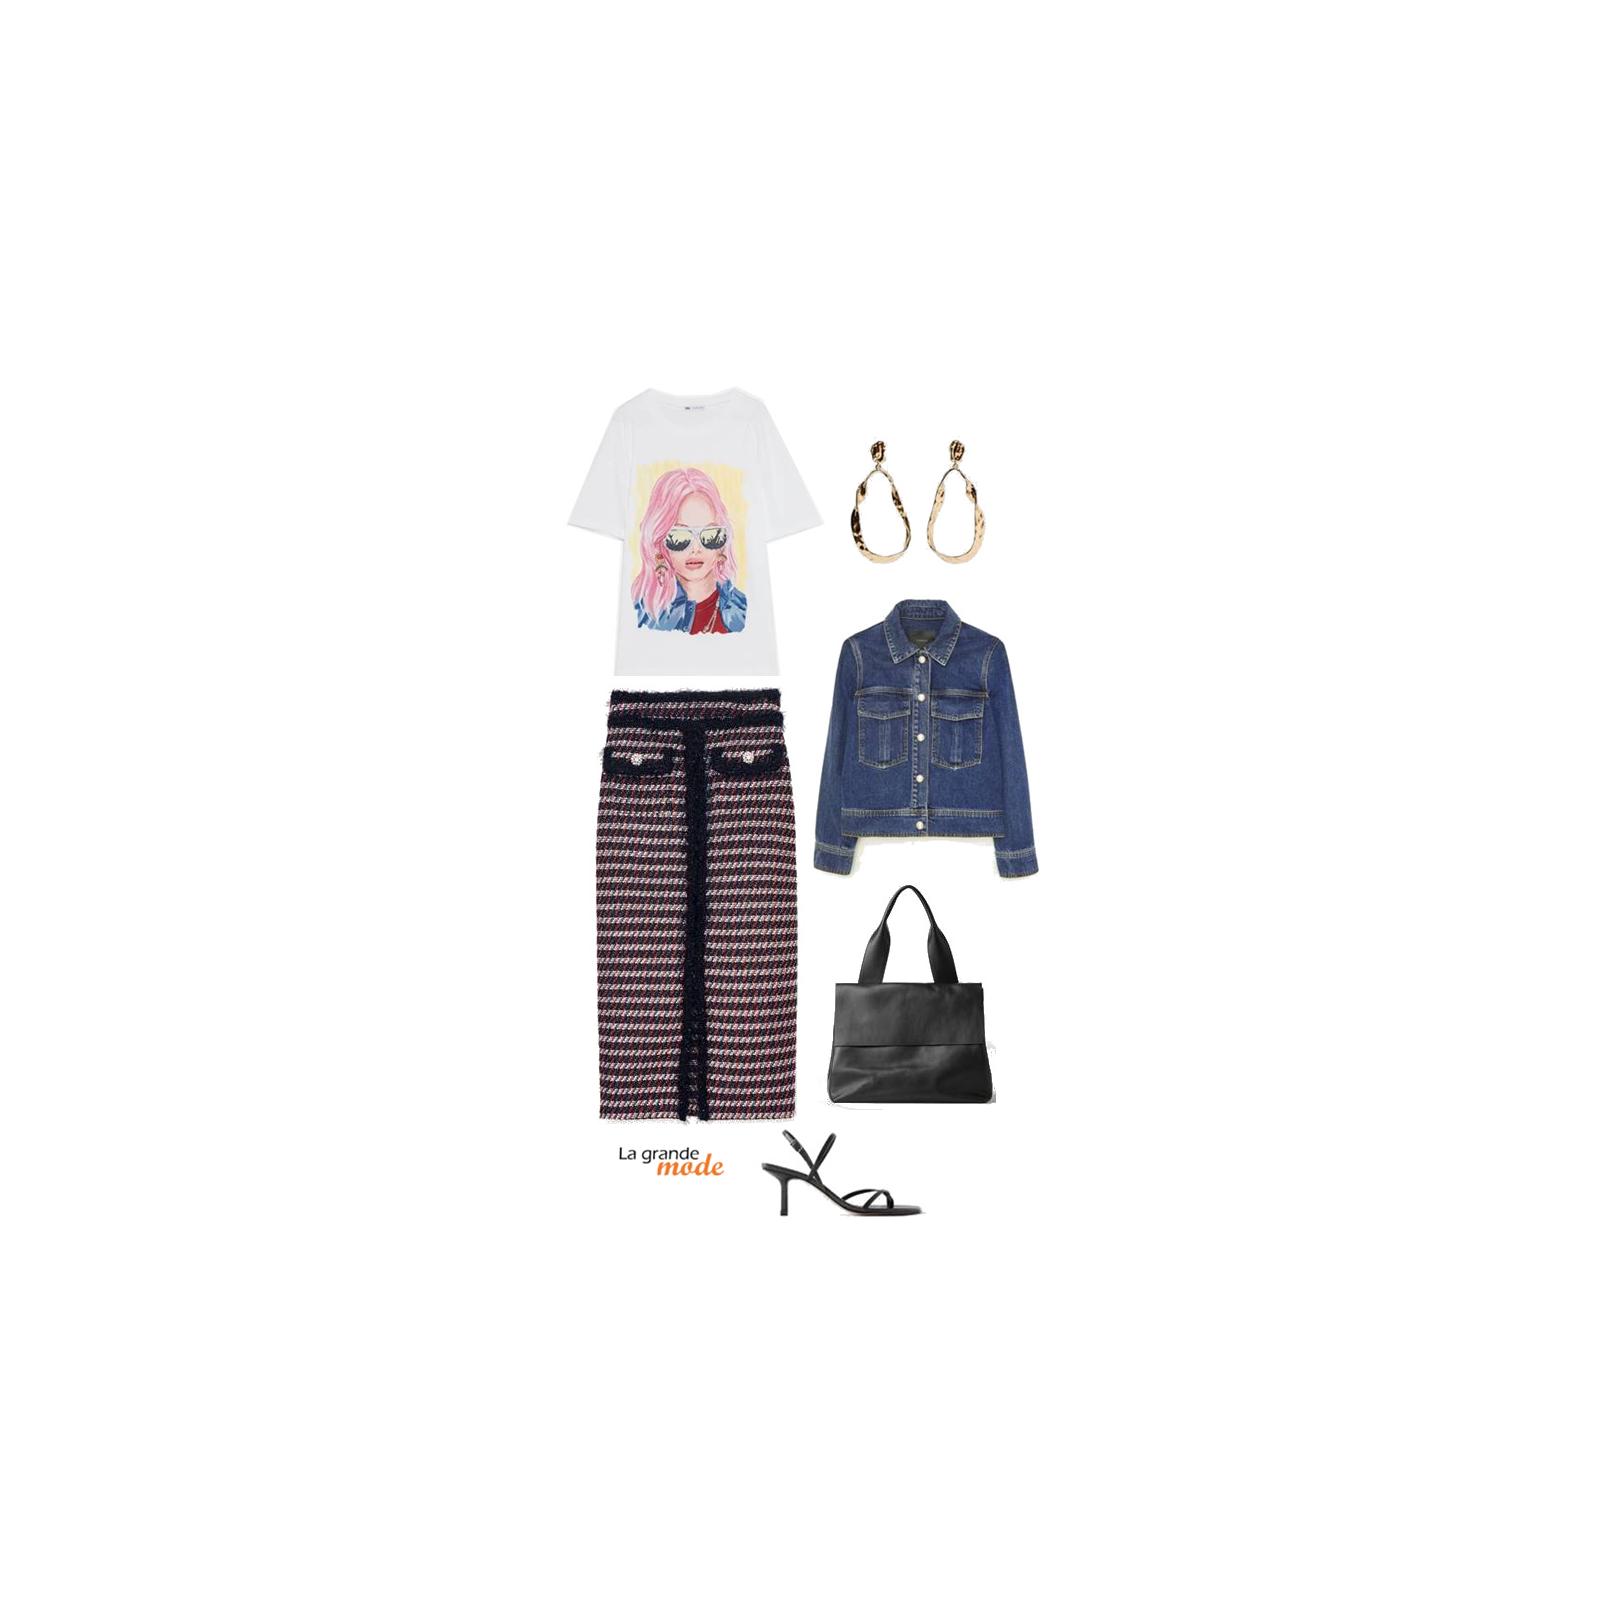 La Grande Mode - Idée look avec un t-shirt imprimé - Tendance mode automne hiver 2019